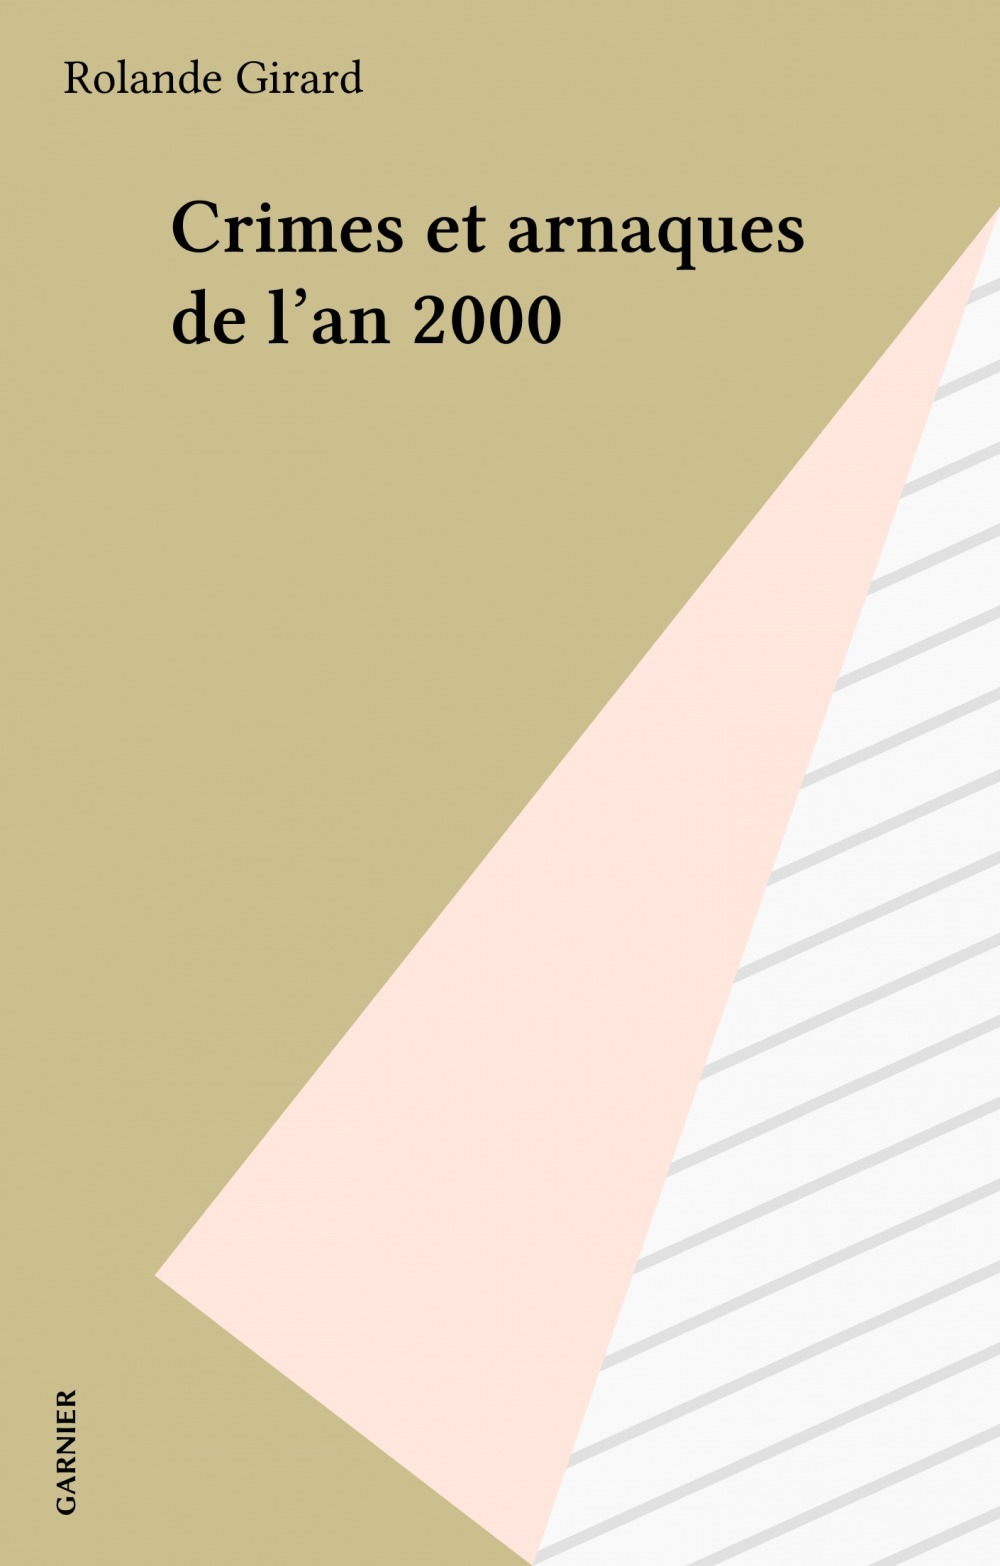 Crimes et arnaques de l'an 2000